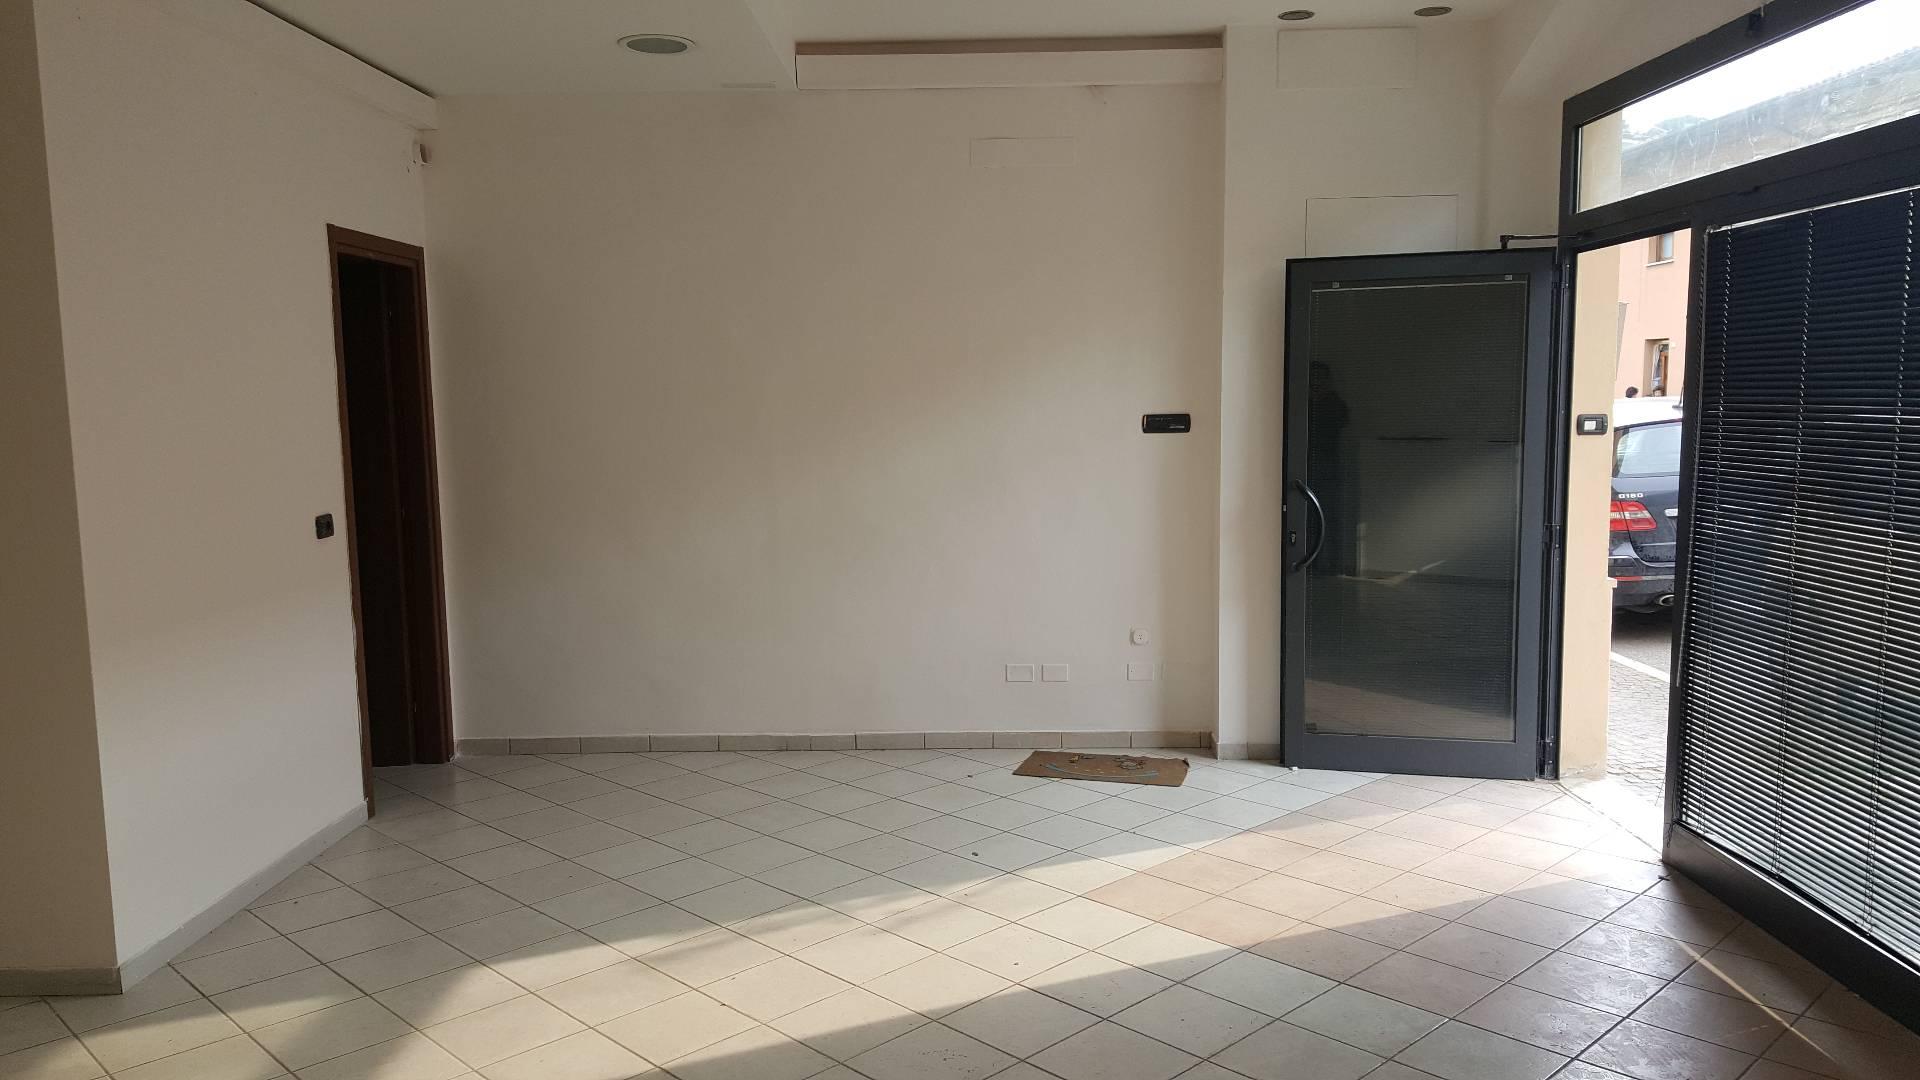 Negozio / Locale in affitto a Longiano, 9999 locali, zona Località: Longiano, prezzo € 500   CambioCasa.it